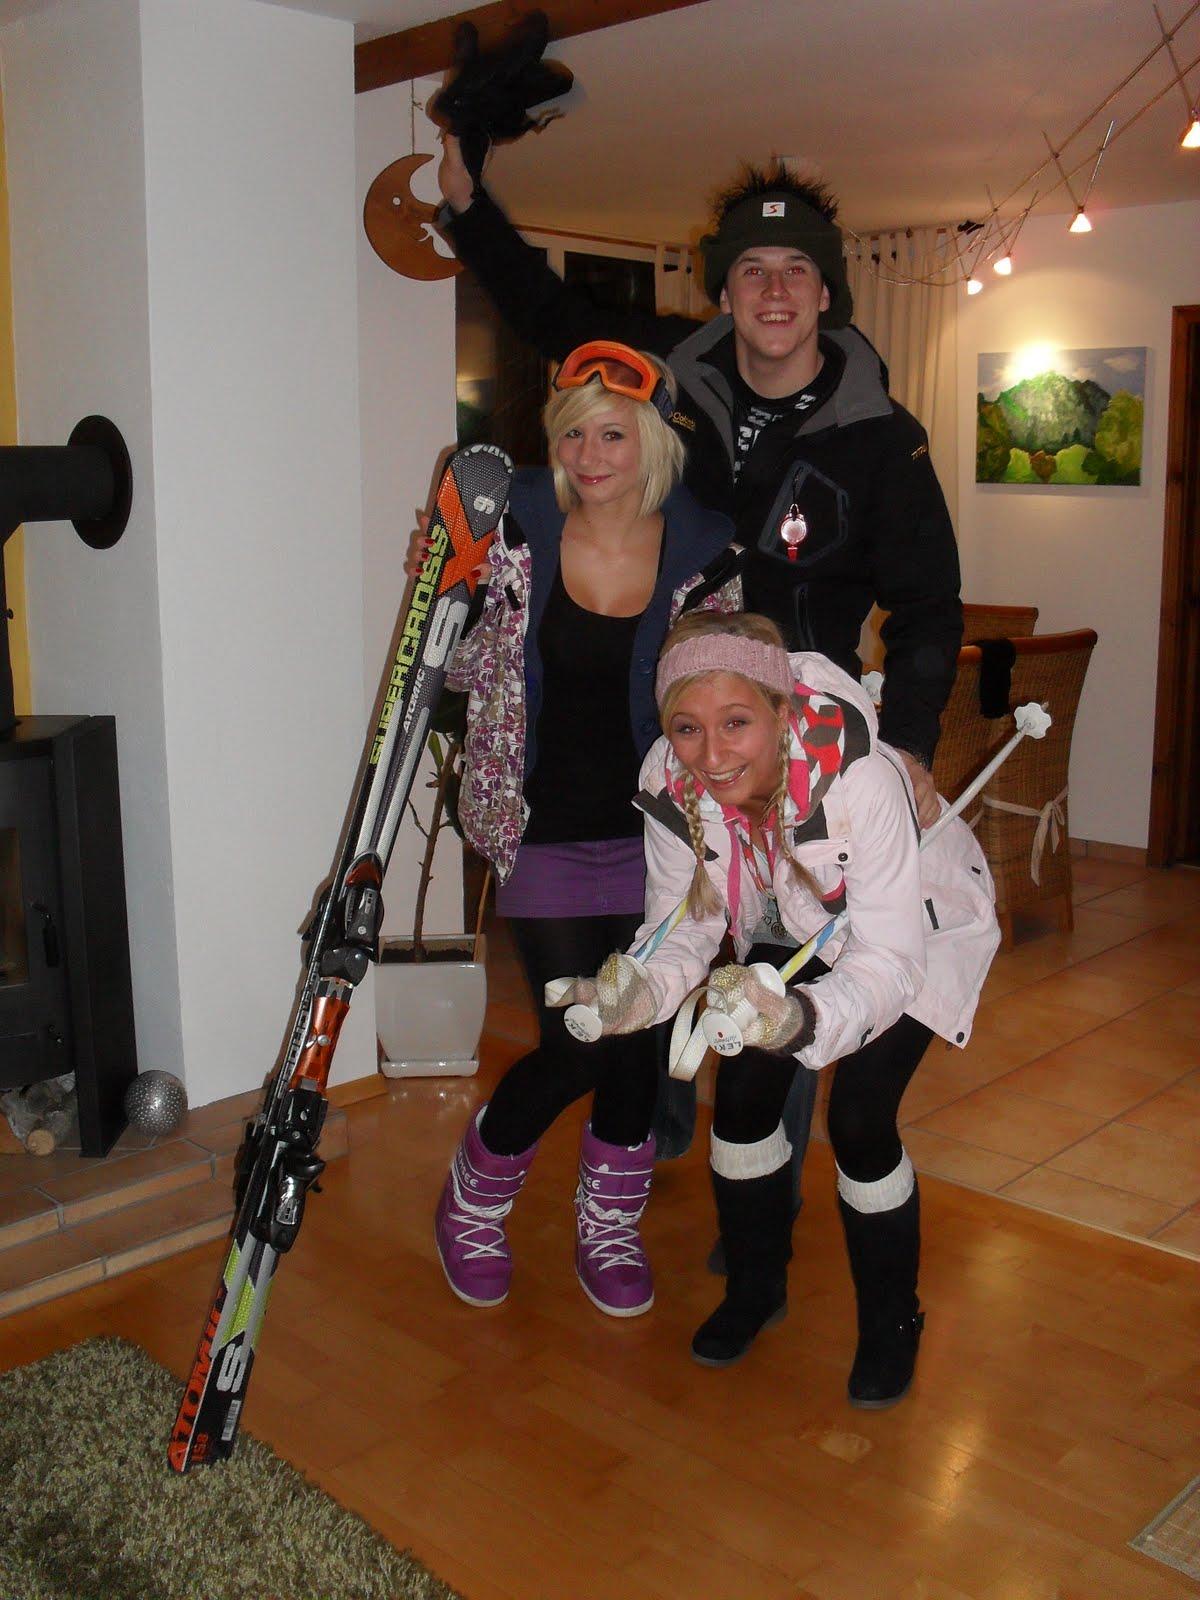 apres ski party deko apres ski party deko apres ski party deko 2 apres ski party ballermann. Black Bedroom Furniture Sets. Home Design Ideas